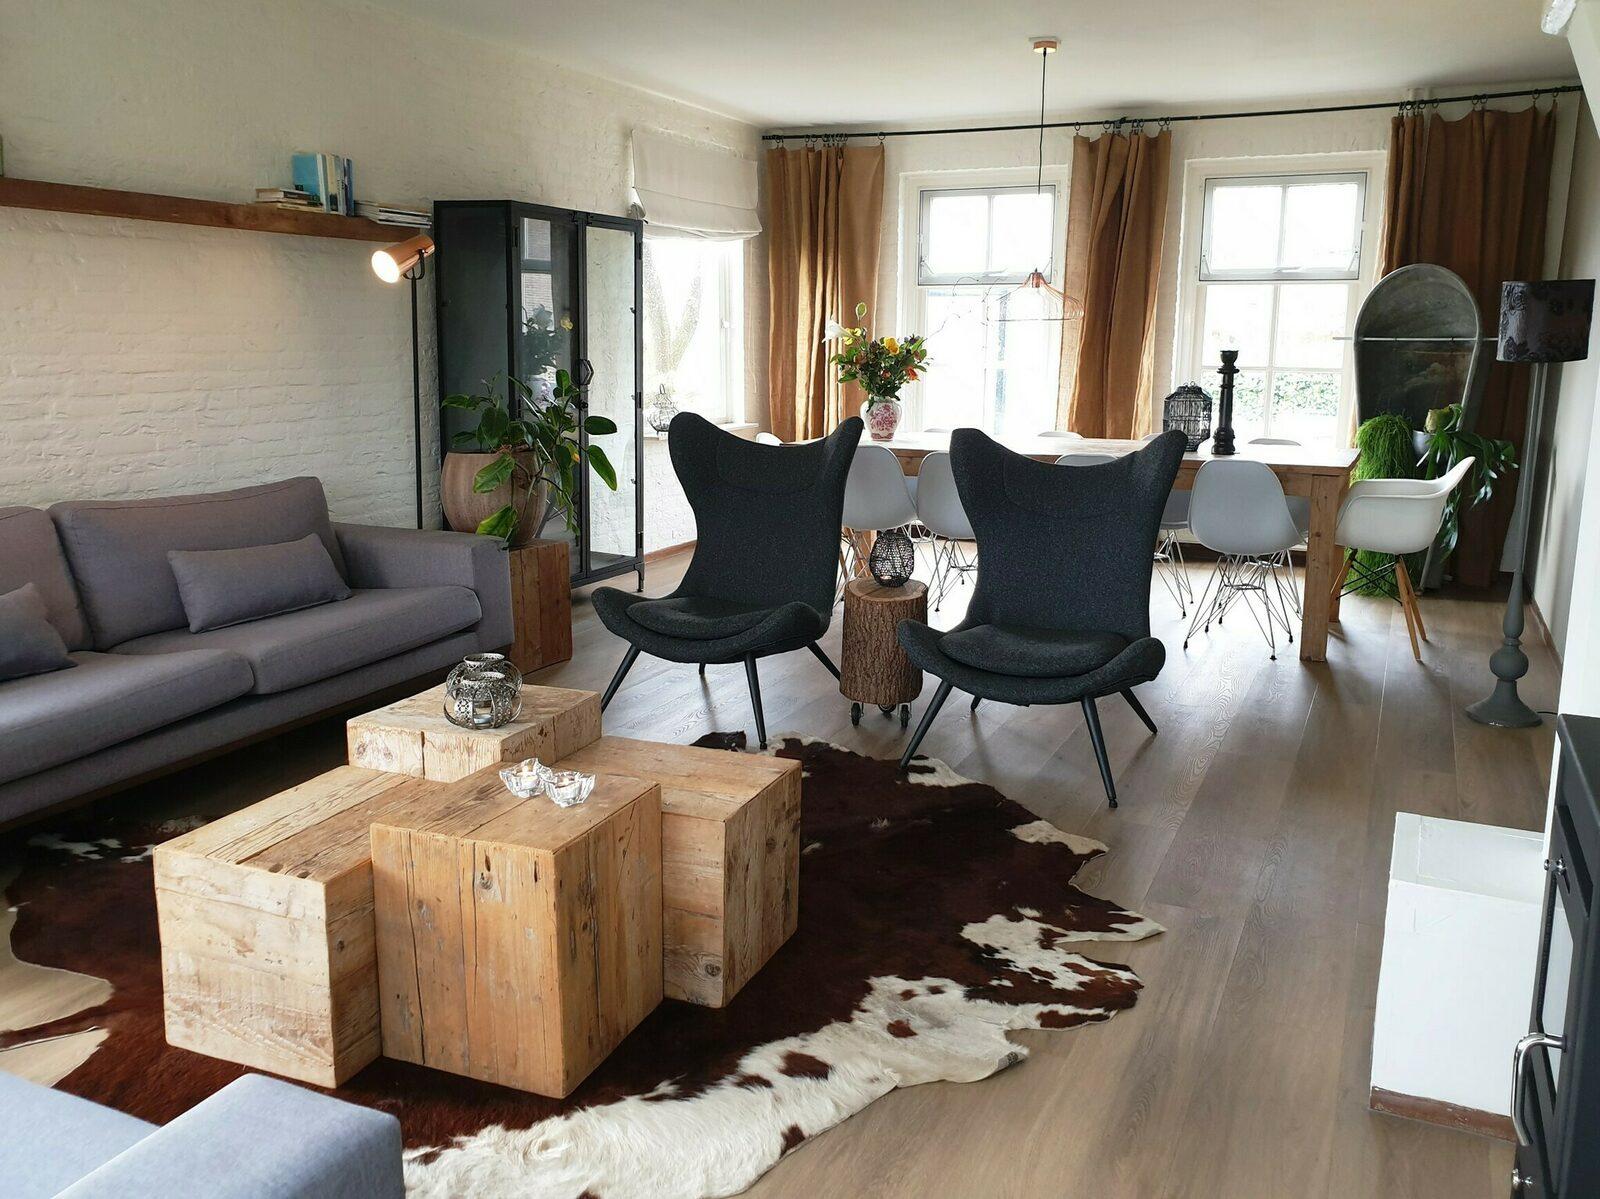 Buitenverblijf de Rust - vakantiehuis voor familieweekend in Brabant